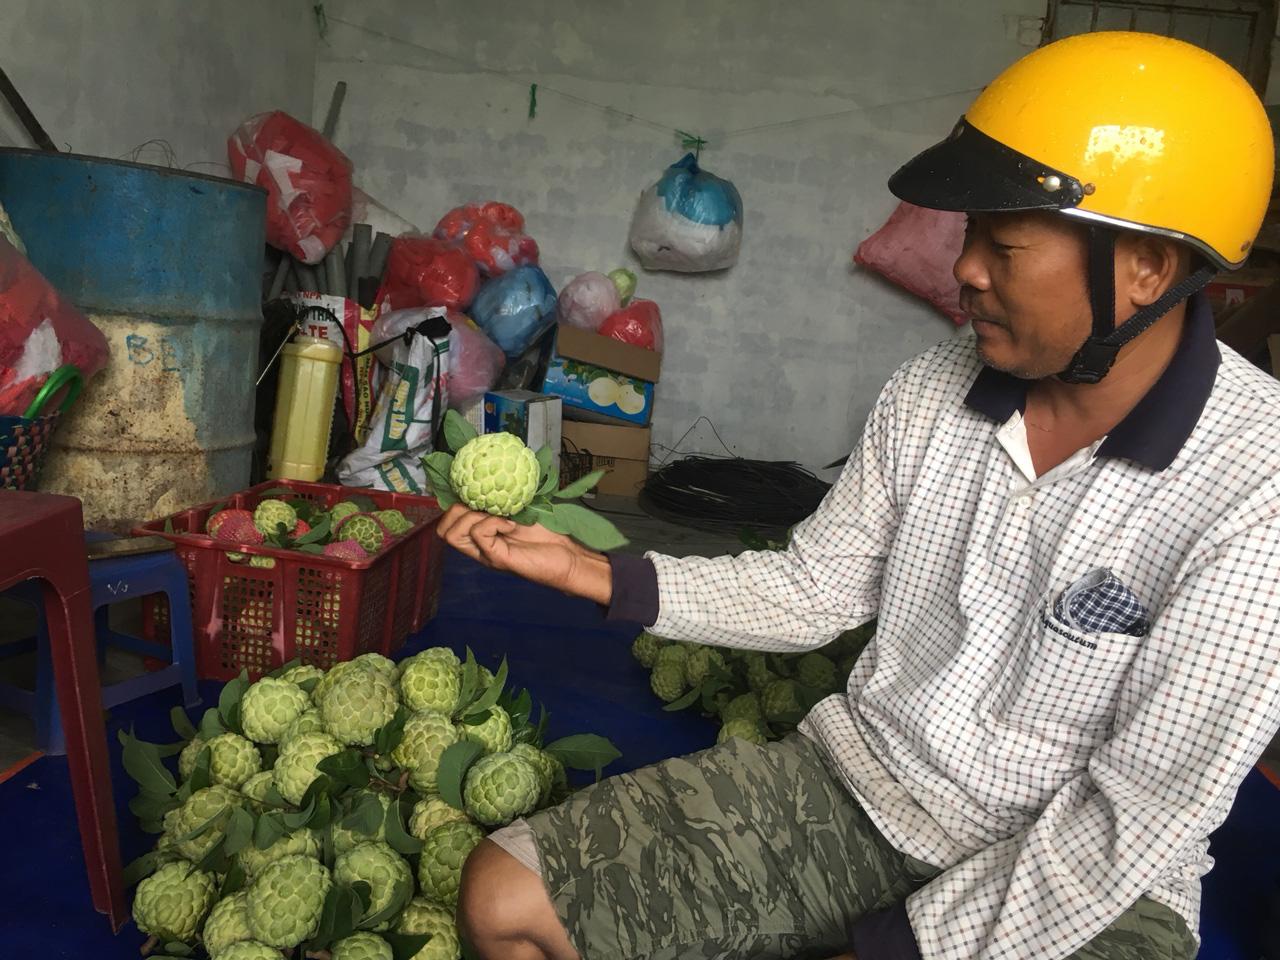 Nông dân Khánh Hòa mạnh dạn đầu tư vốn để chuyển đổi cây trồng - Ảnh 1.